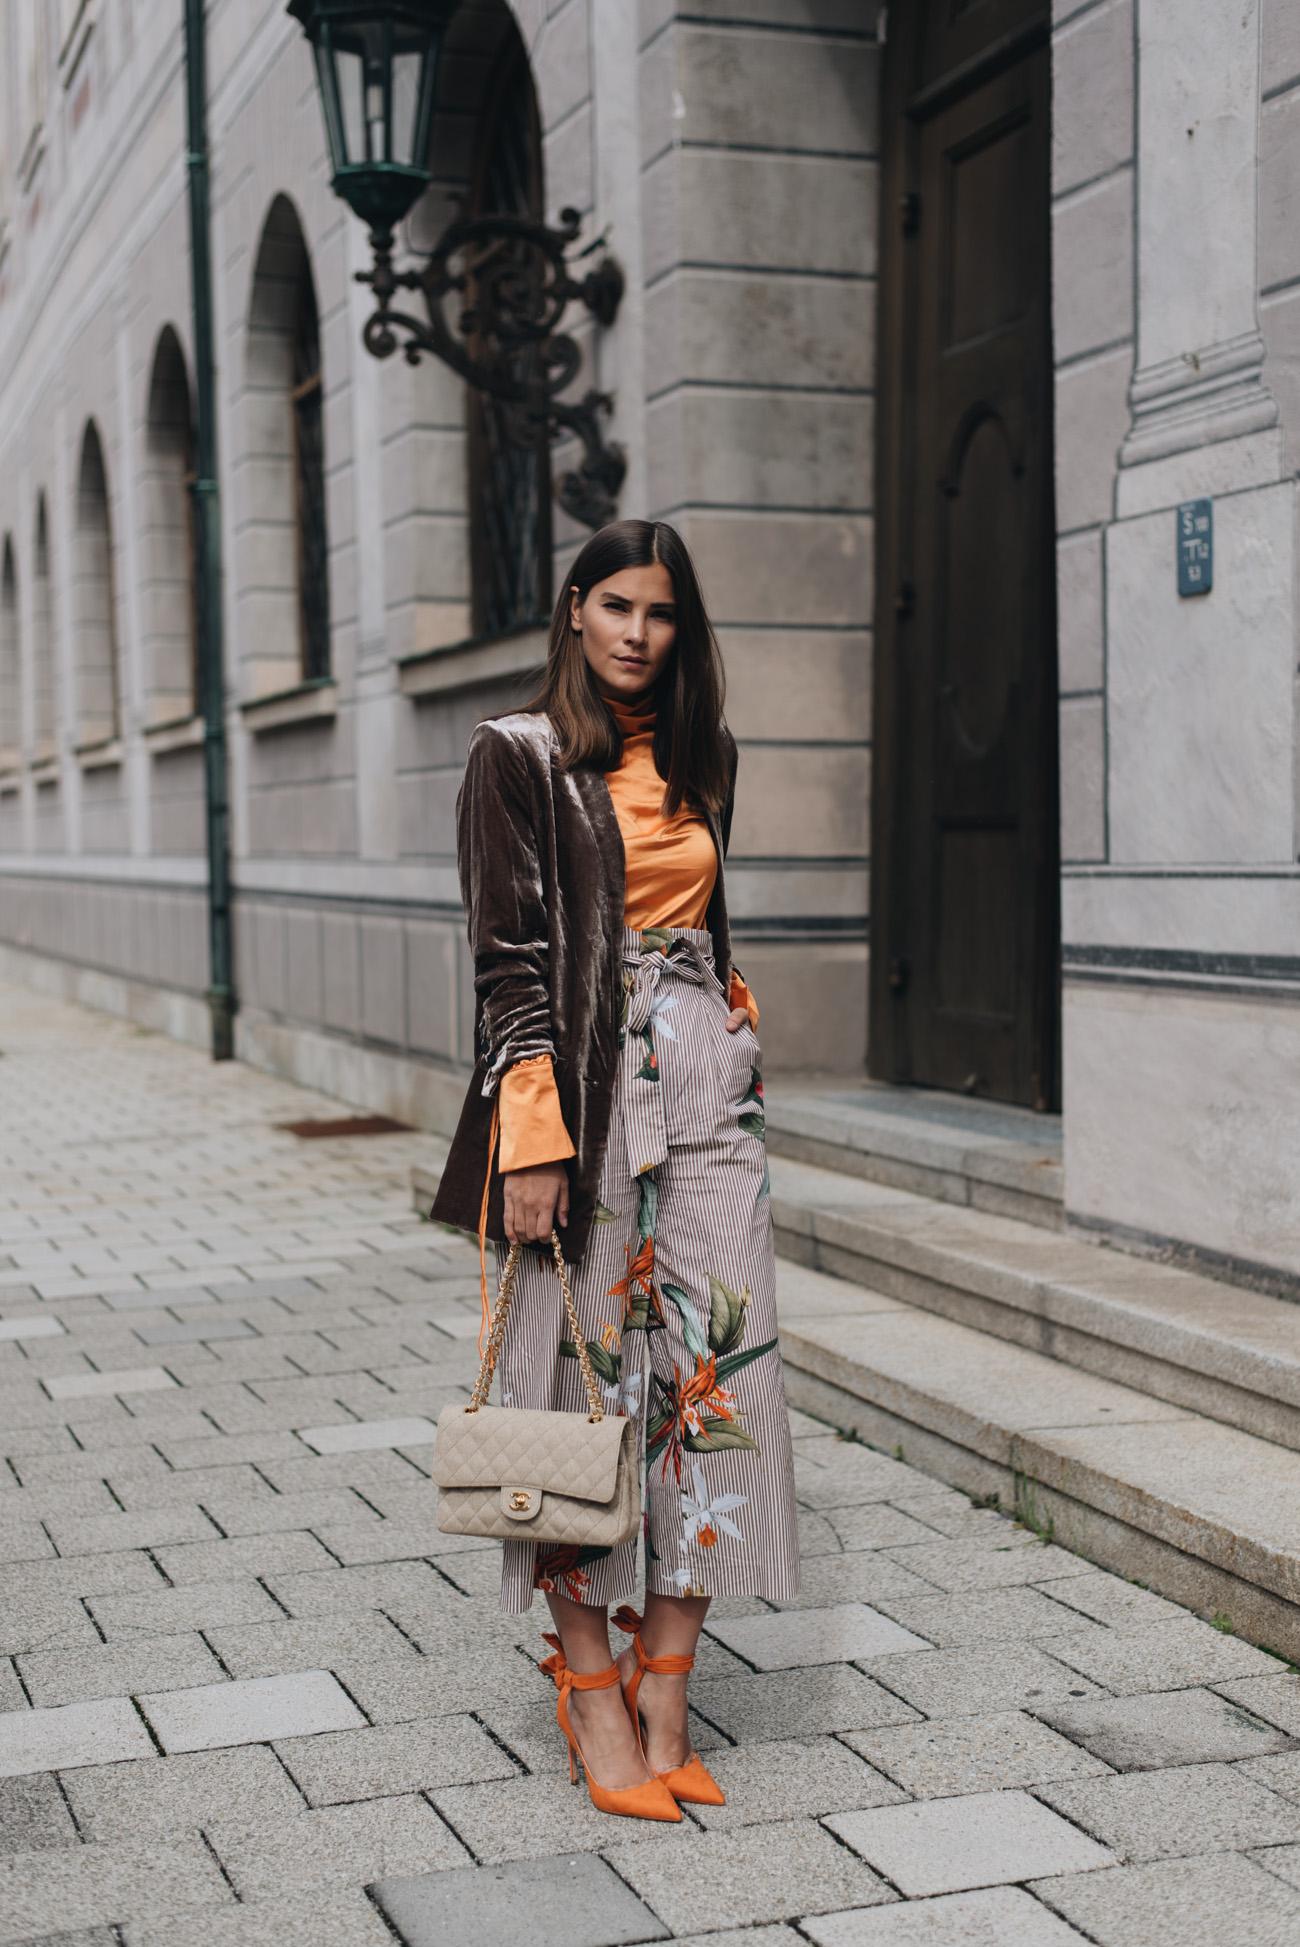 Fashion-trends-2017-High-Waist-Streifen-hose-kombinieren-streetstyle-alltag-bloggerin-nina-schwichtenberg-fashiioncarpet